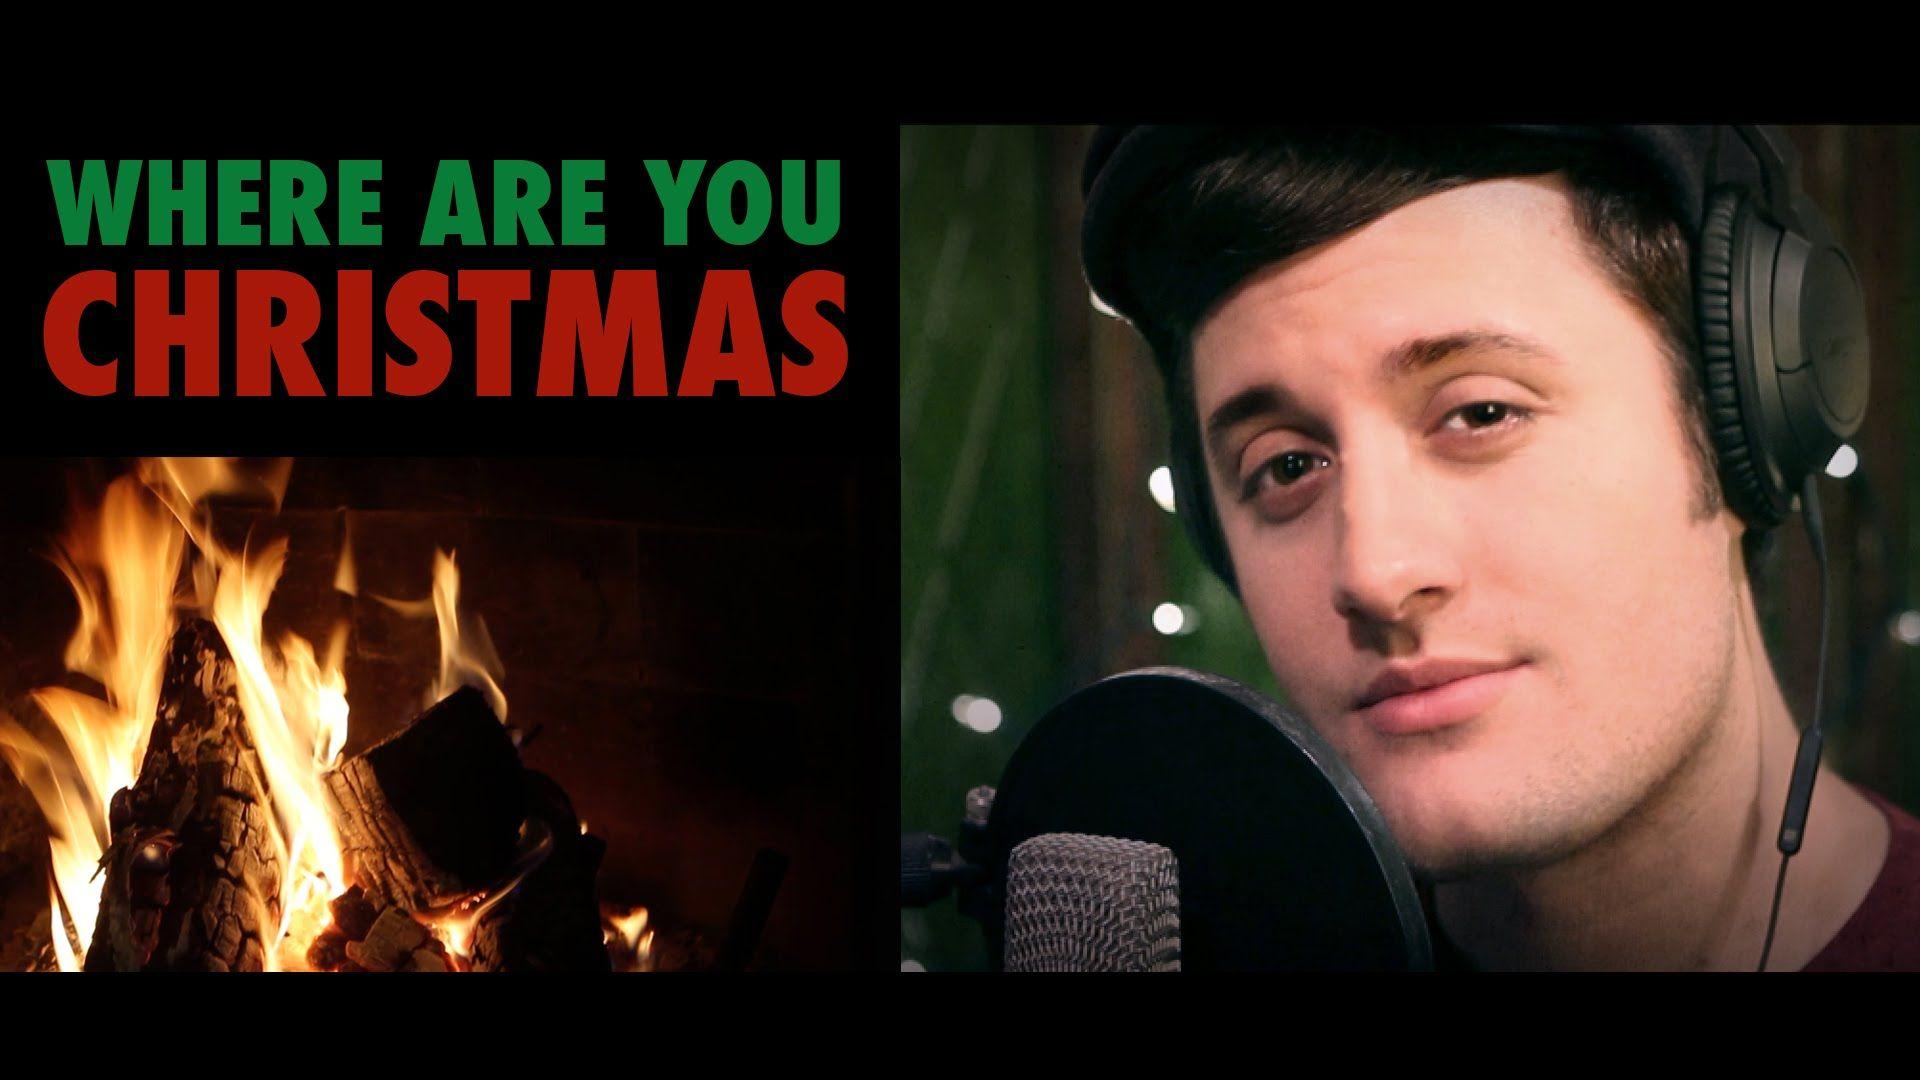 where are you christmas faith hill the grinch nick pitera cover - Faith Hill Where Are You Christmas